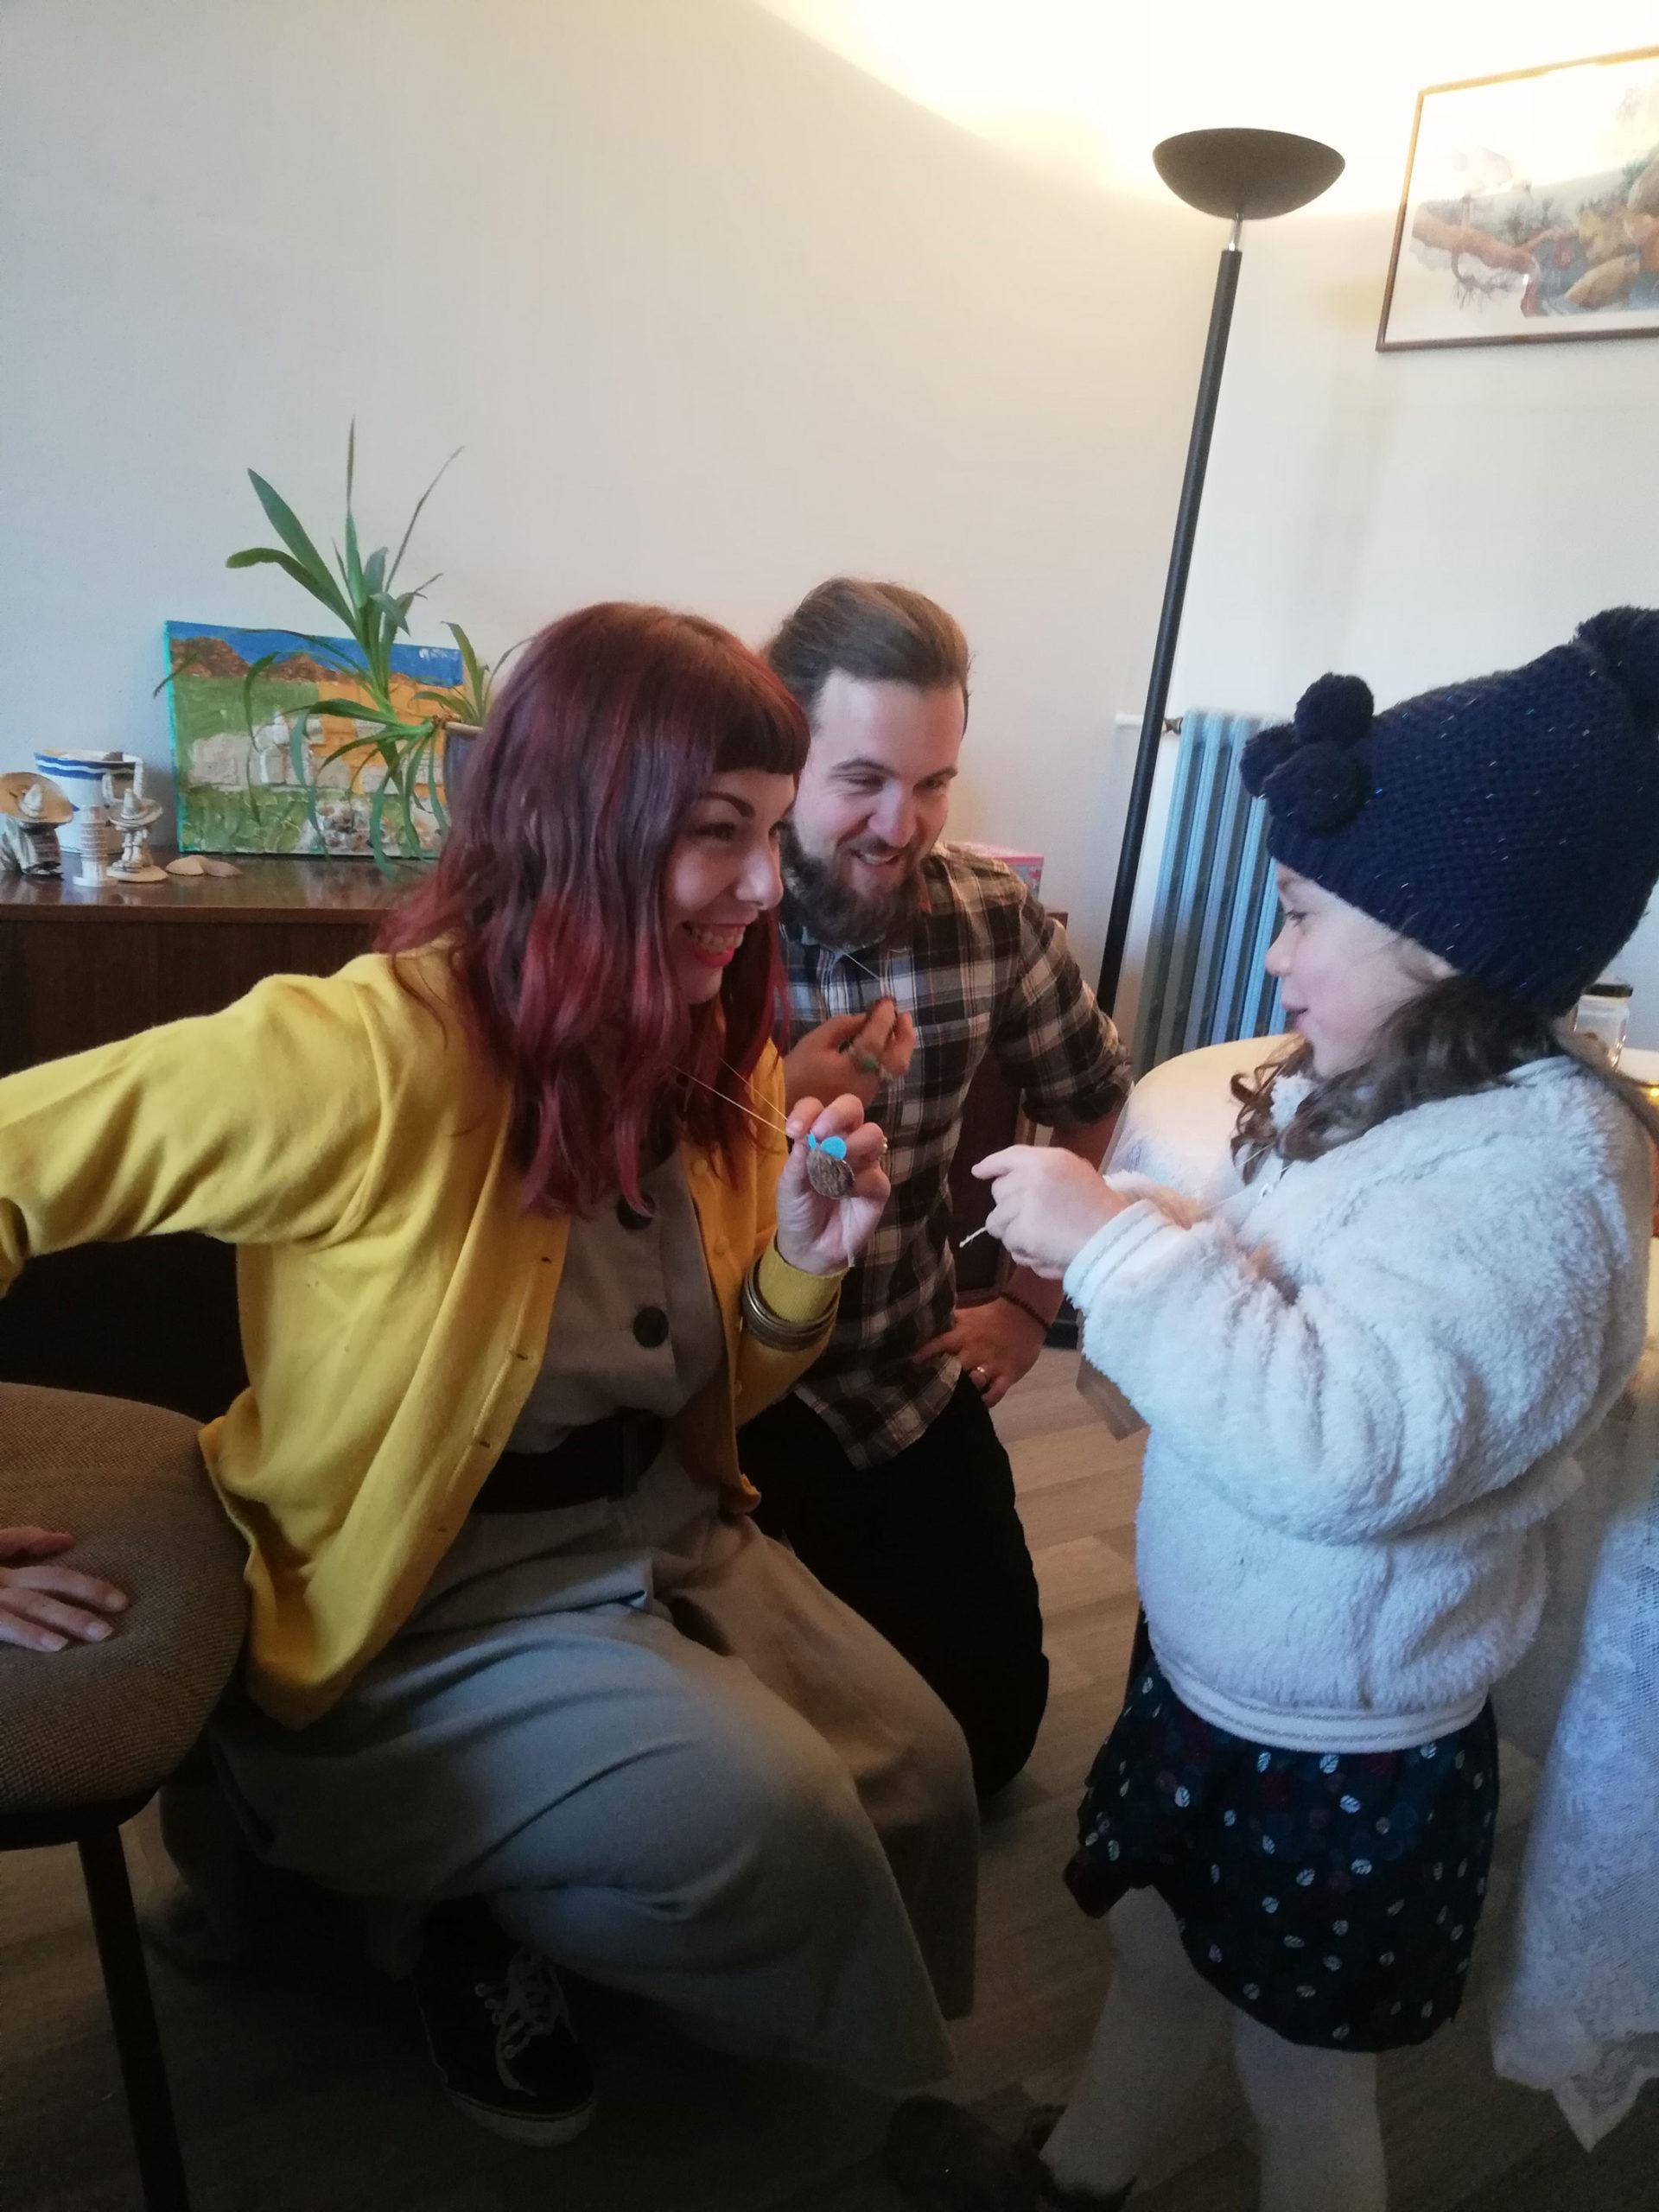 Comment j'ai rencontré ma fille #2